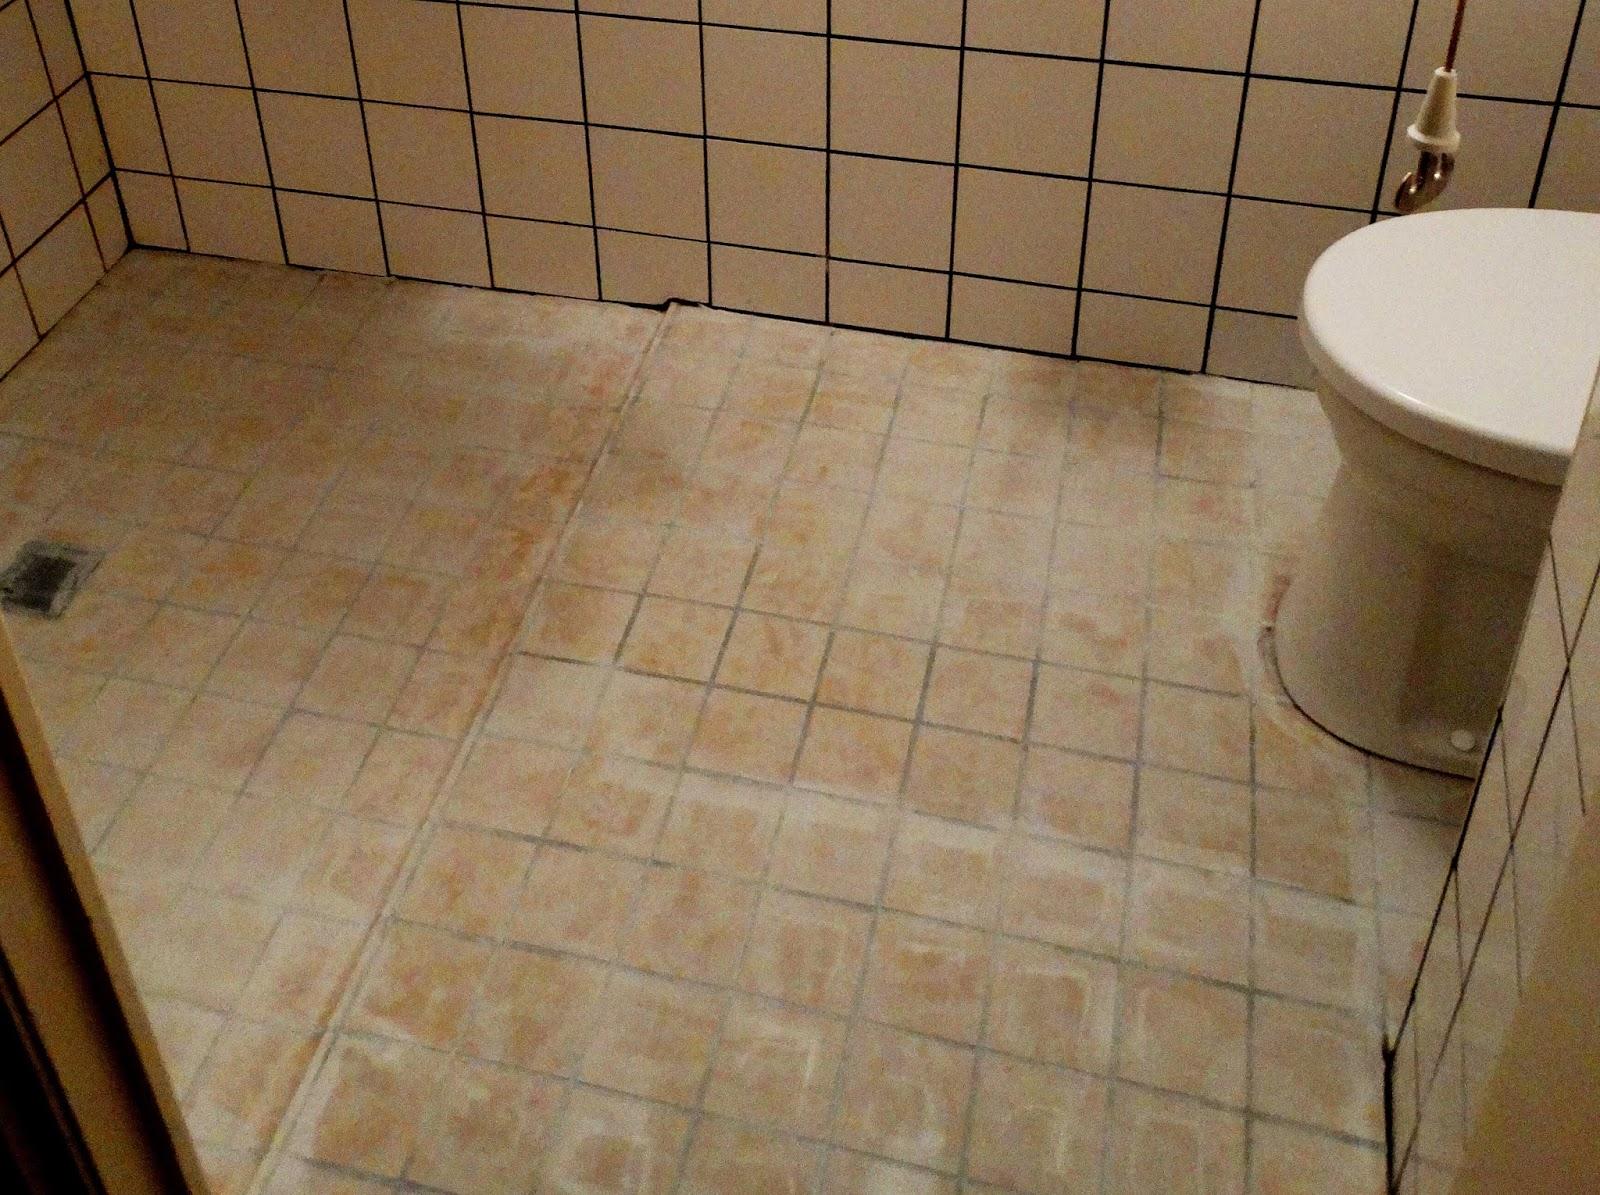 Badkamer Tegels Verwijderen : Kalk badkamer vloer verwijderen: mortex gietvloer realisaties en